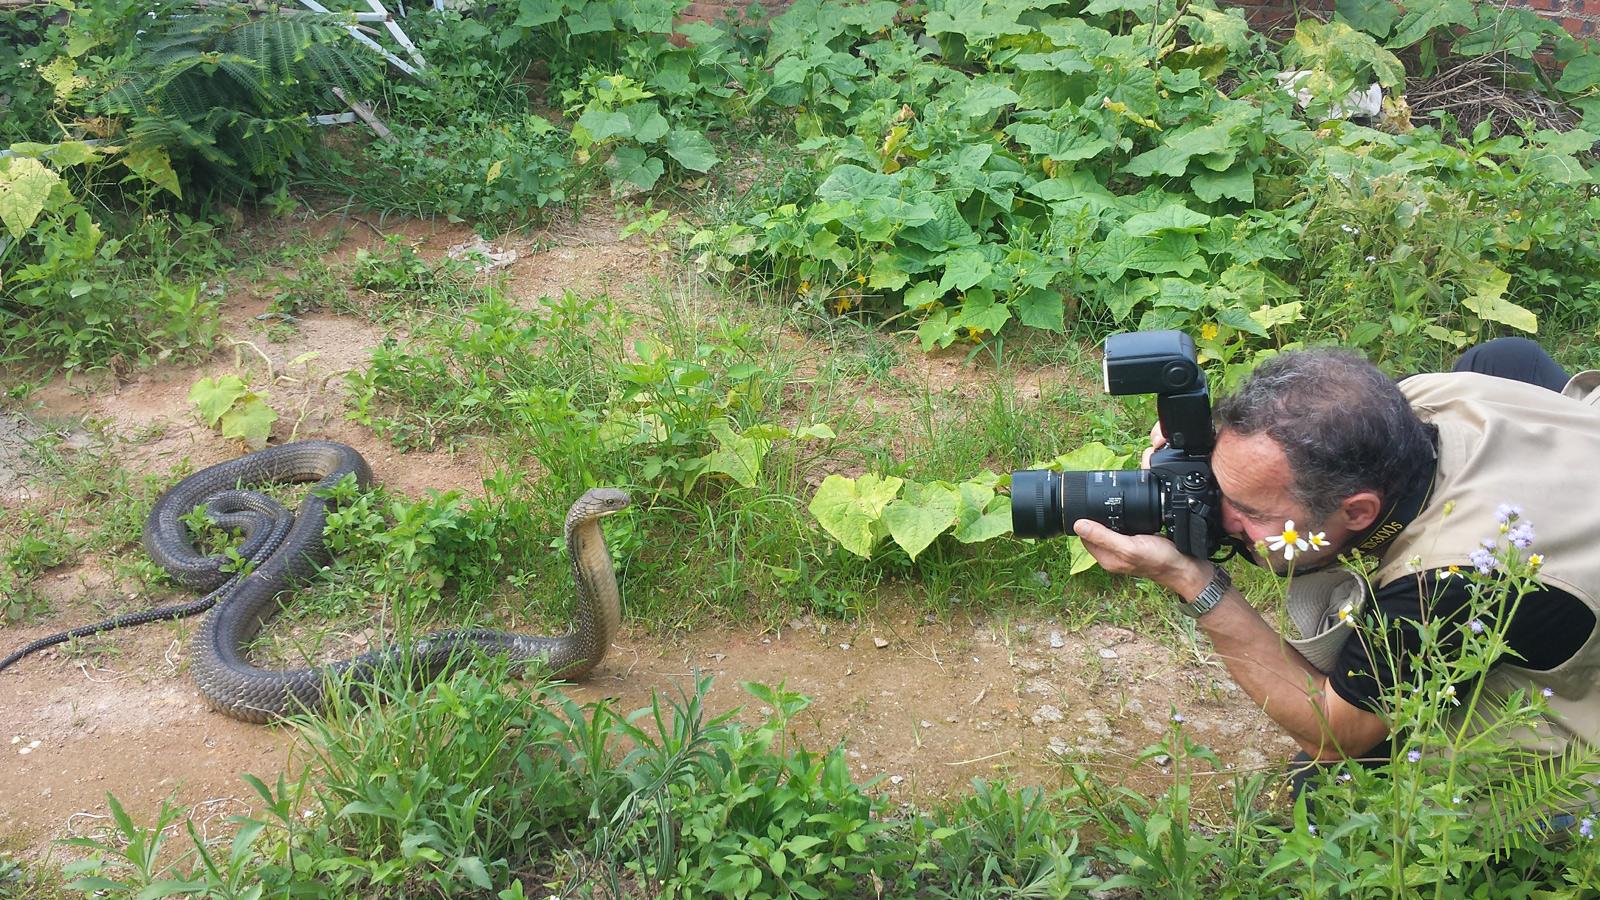 En train de photographier 眼鏡王蛇 cobra royal (Ophiophagus hannah) Guangxi, Chine 2017 ©AYMERICH Michel